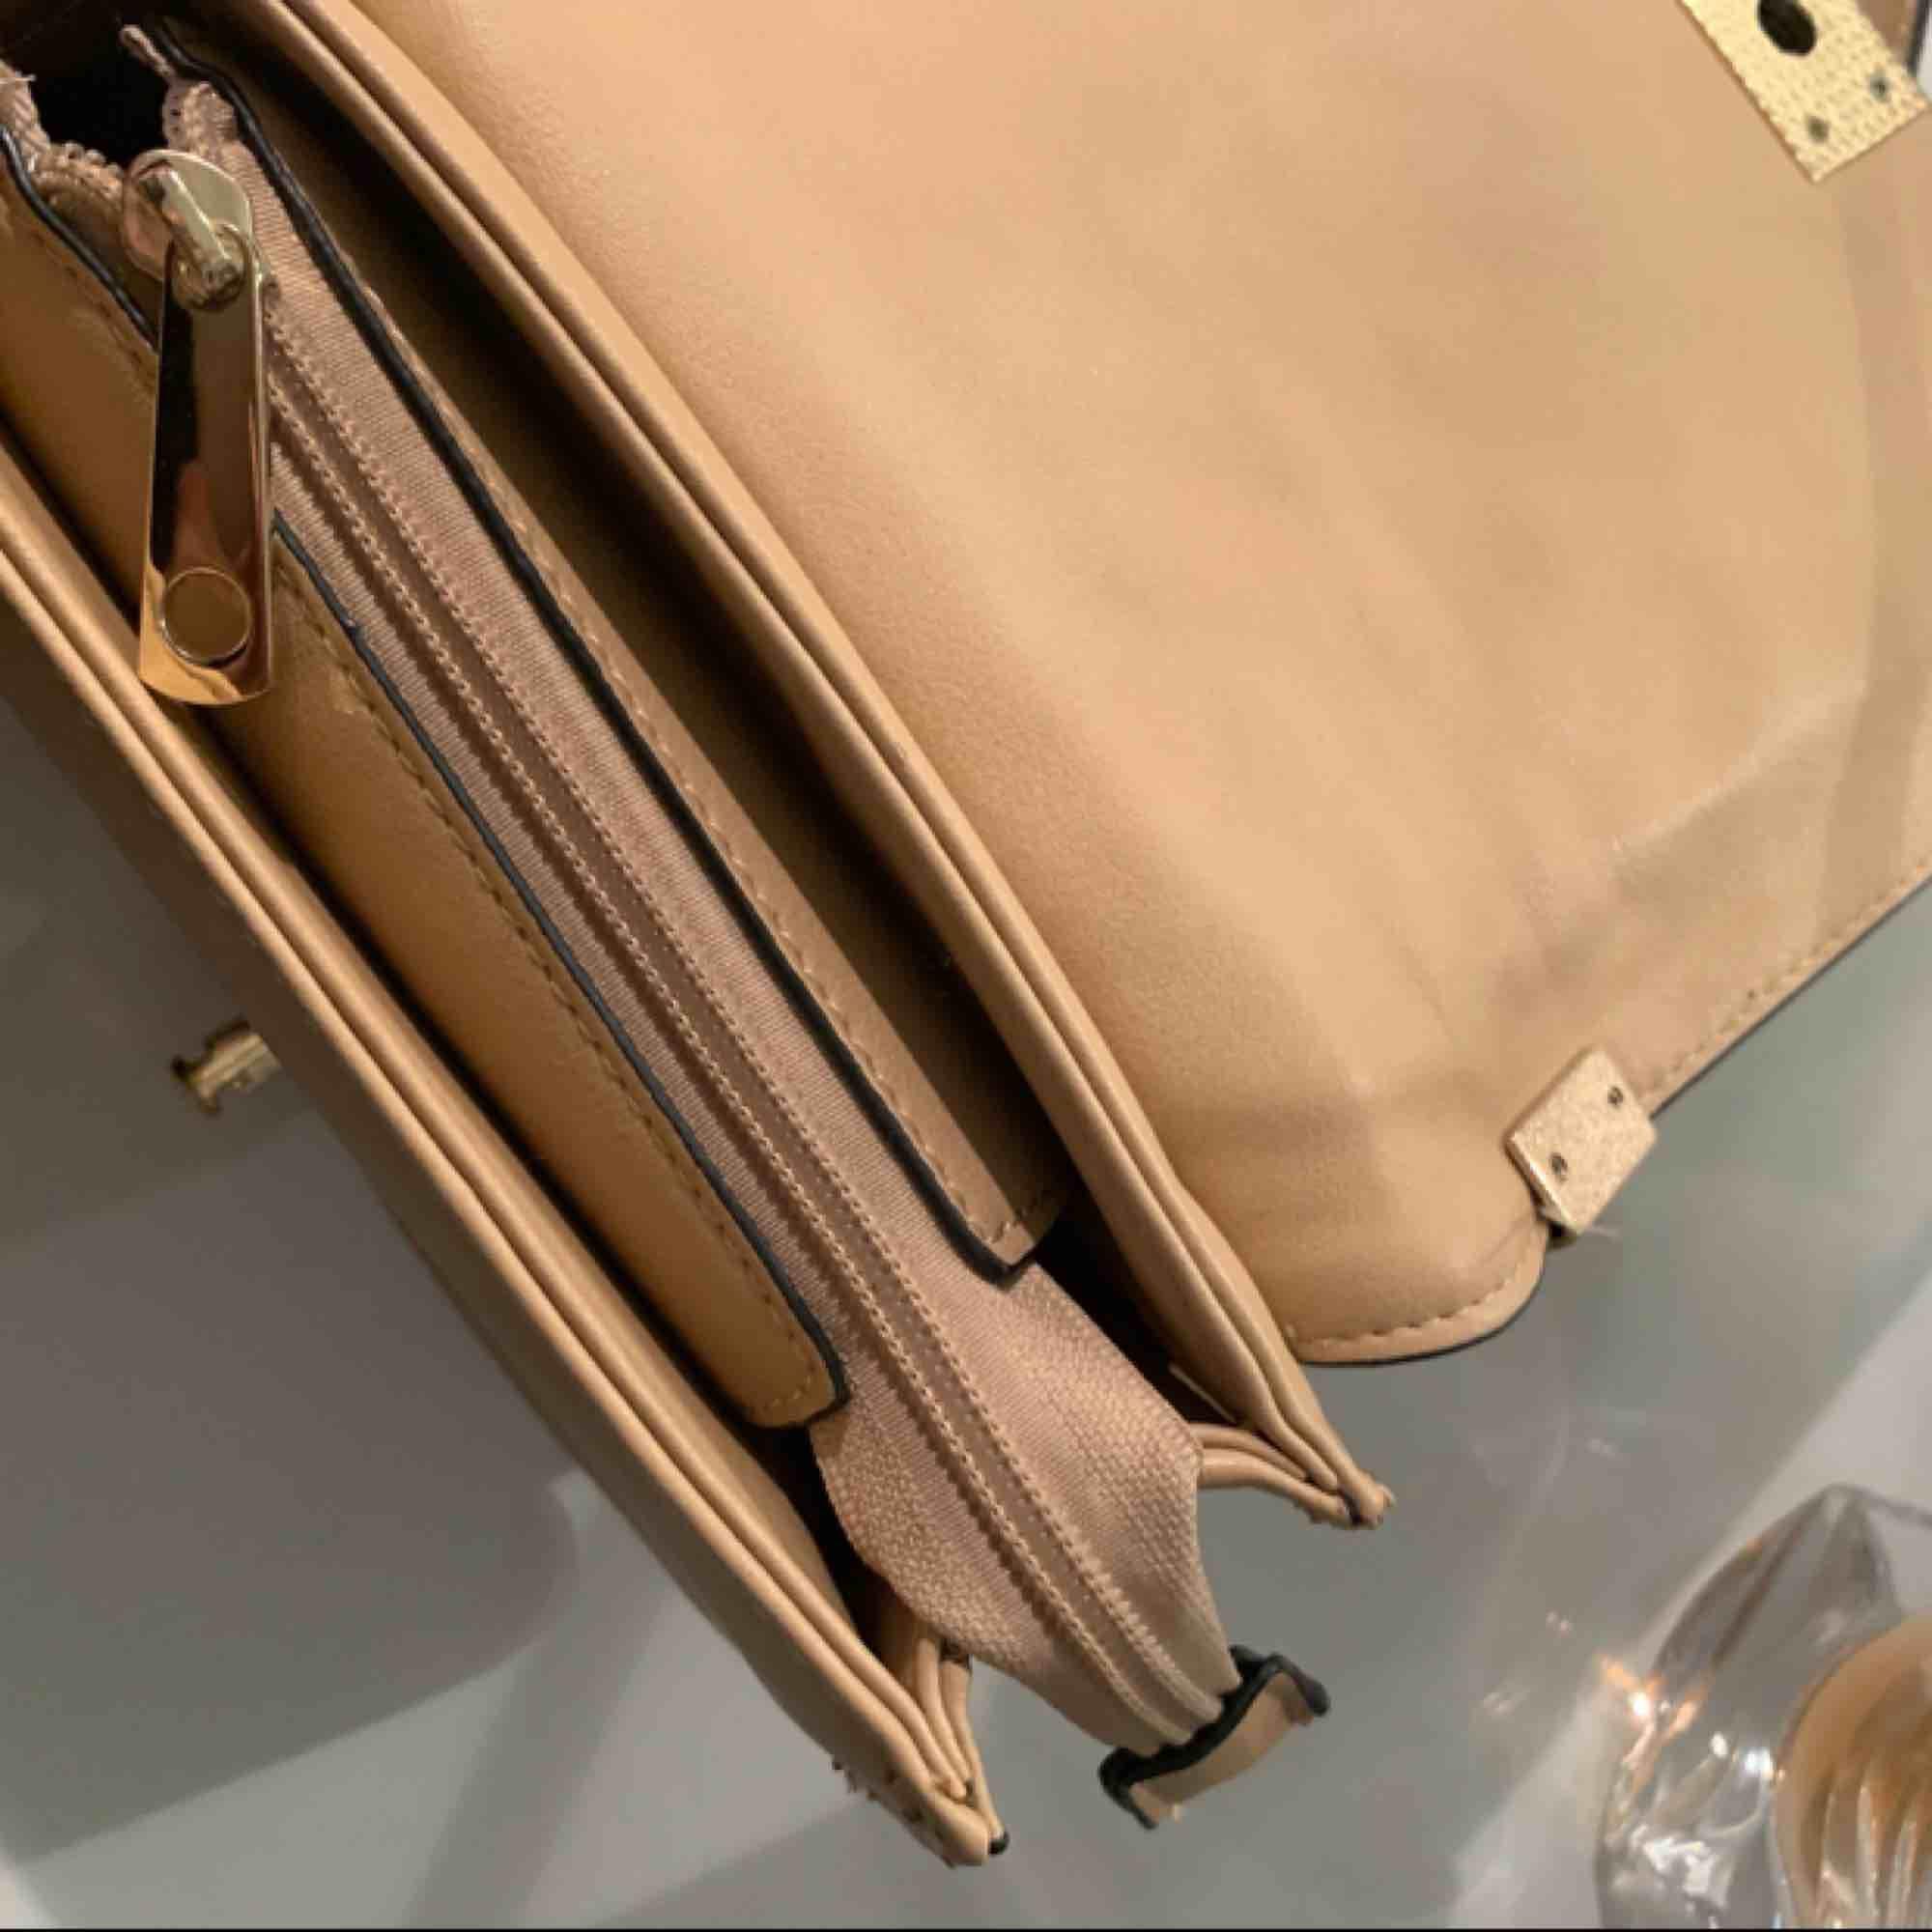 AAA kopia Chanel väska inköpt för 799 säljer för nästan hälften trots toppskick då den endast är använd fåtal gånger. Kedjan är justerbar och kan antingen användas som en crossbody eller som på bilden. Accessoarer.